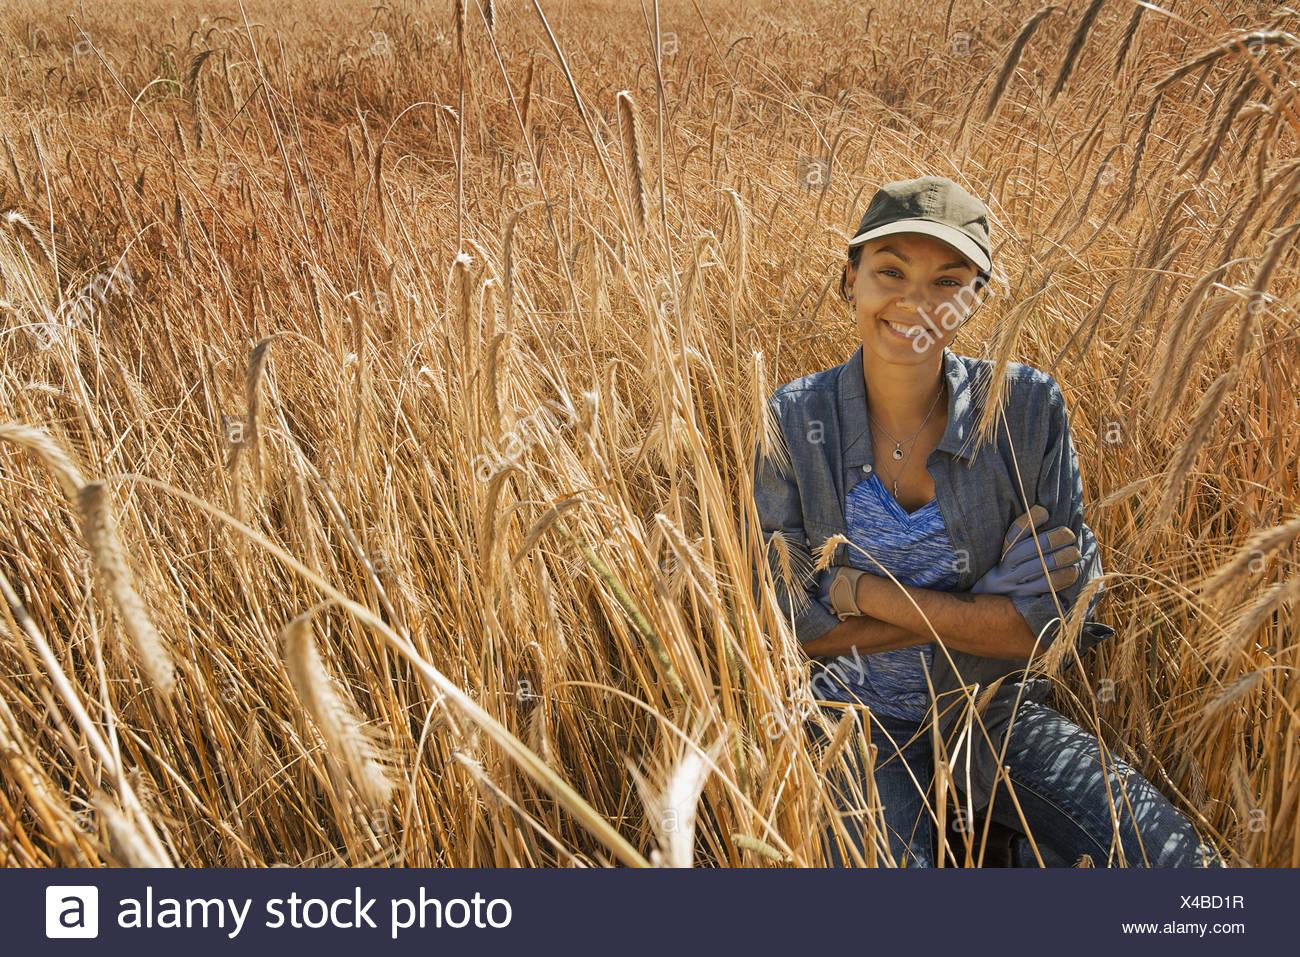 L'état de New York USA woman smiling in maturation champ de maïs céréale Photo Stock